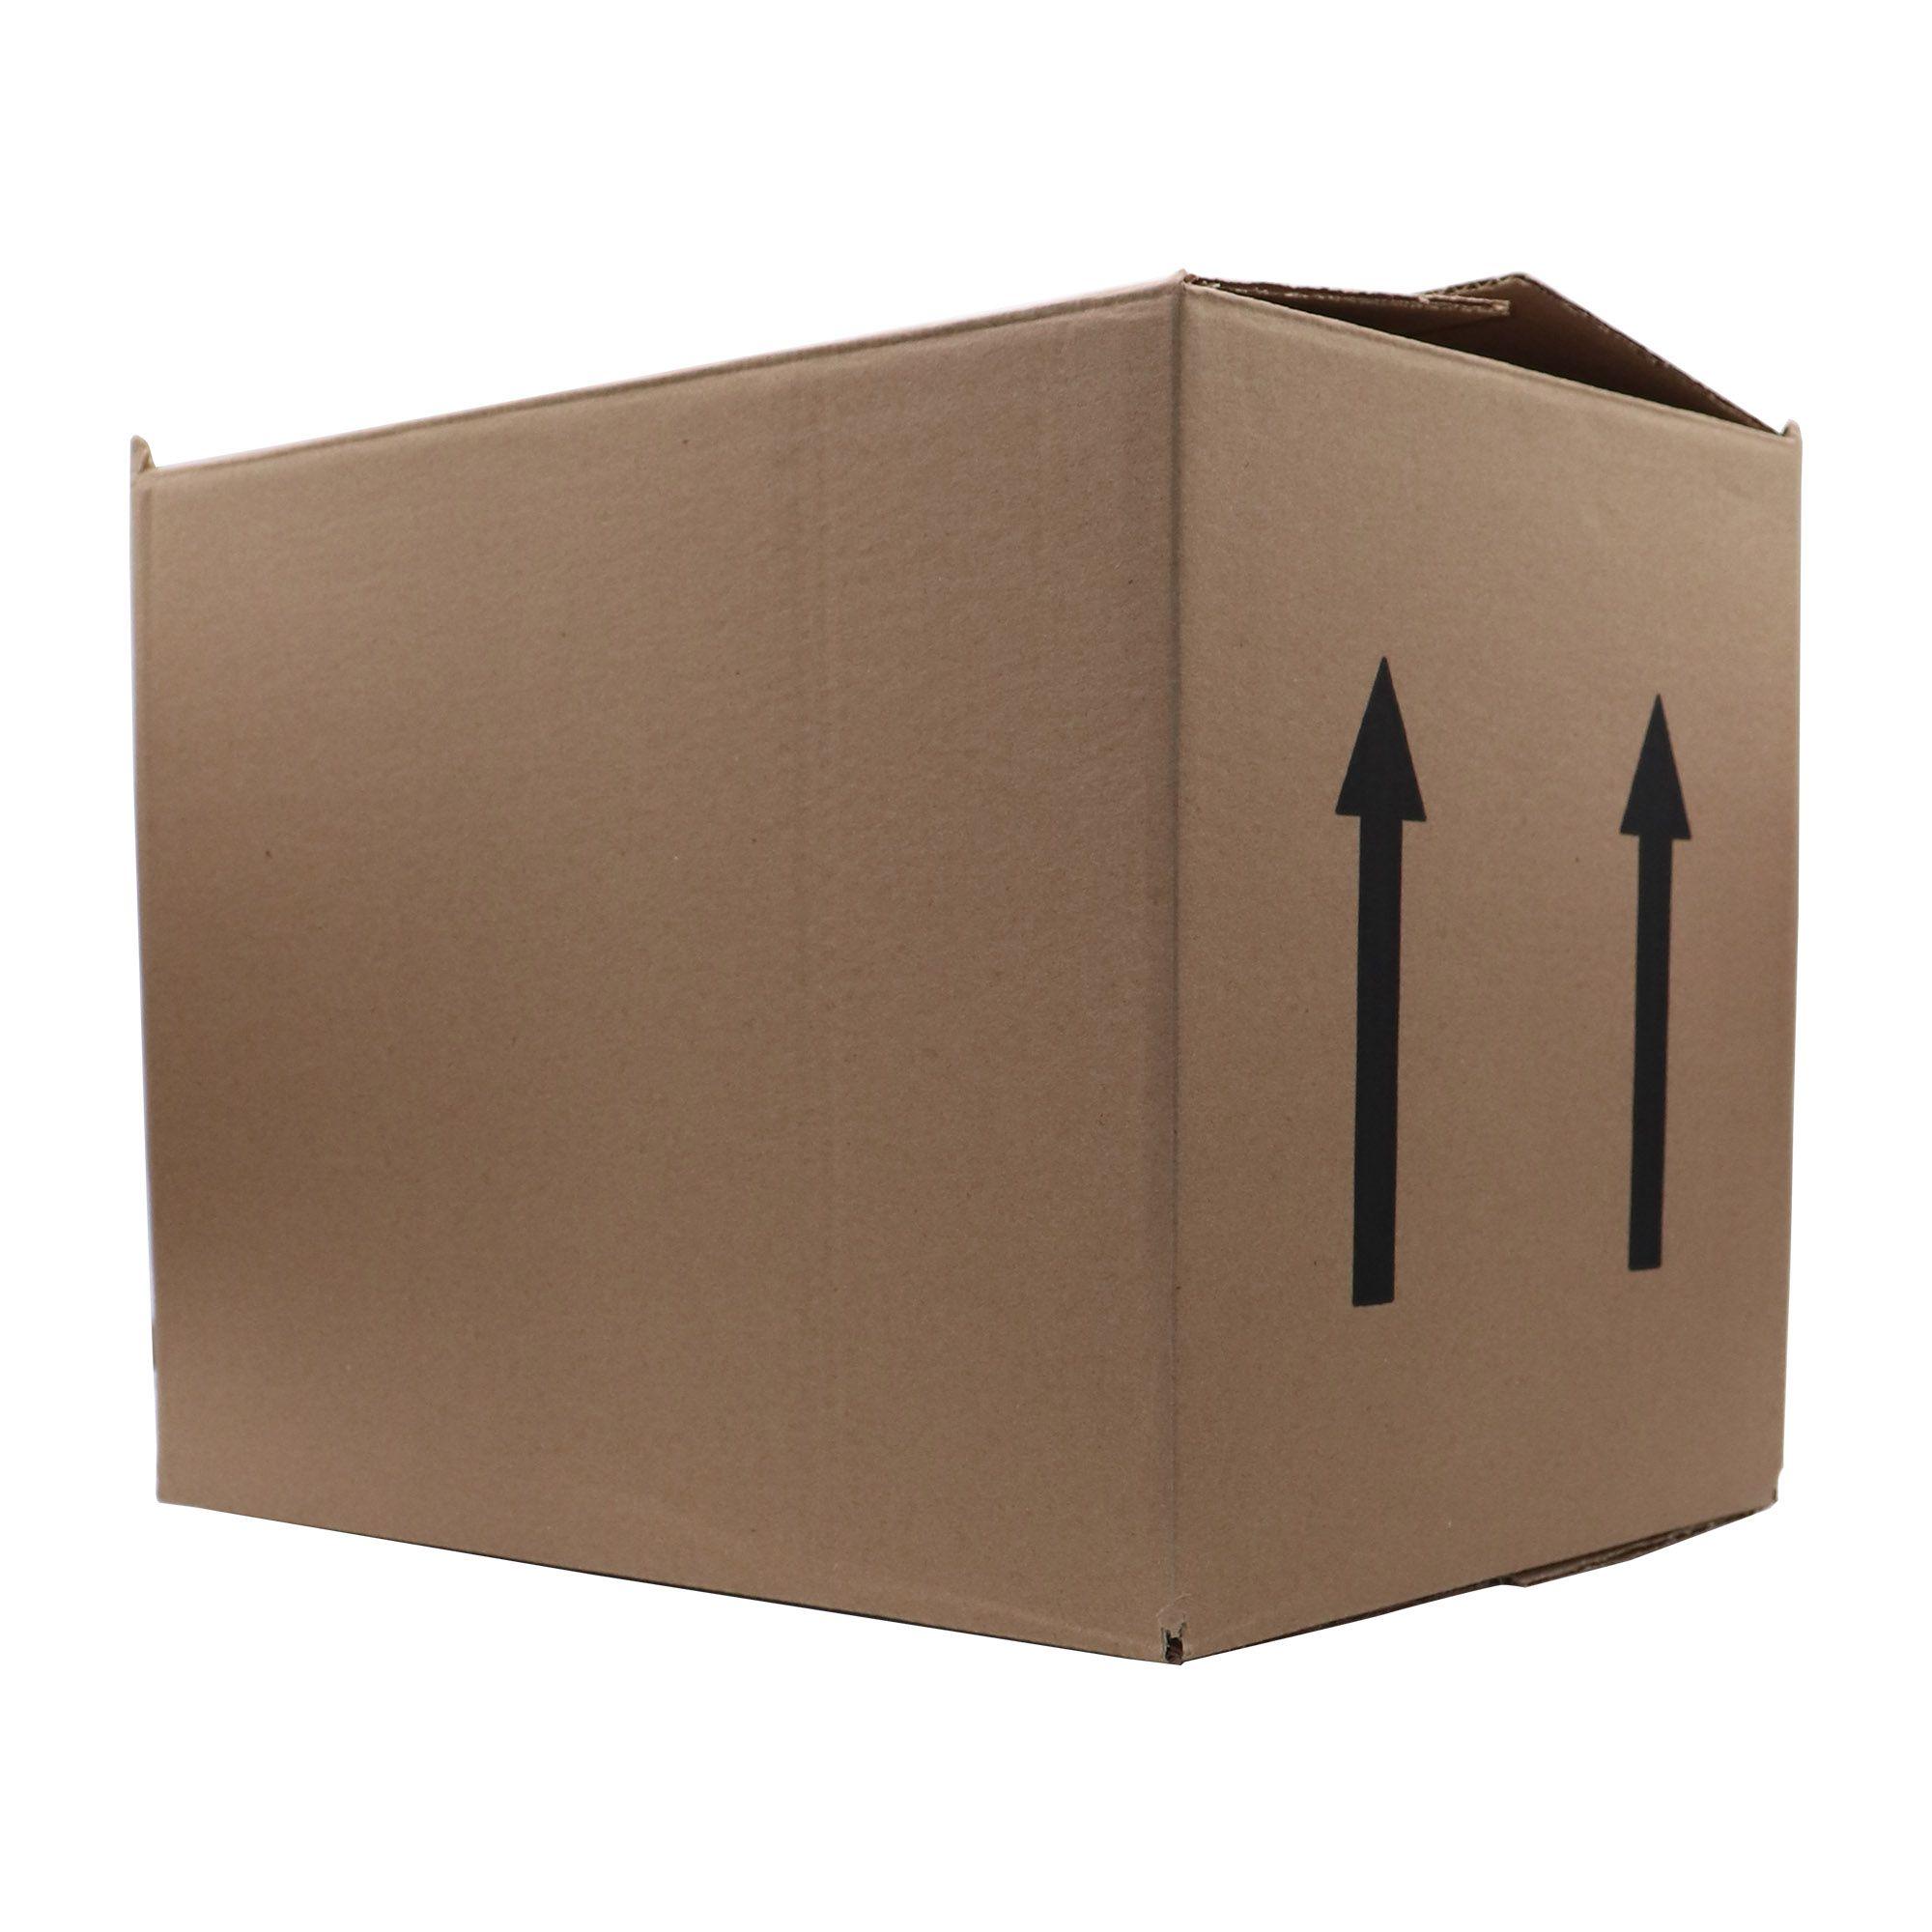 Caixa de Papelão N°5000 (29x37x28)